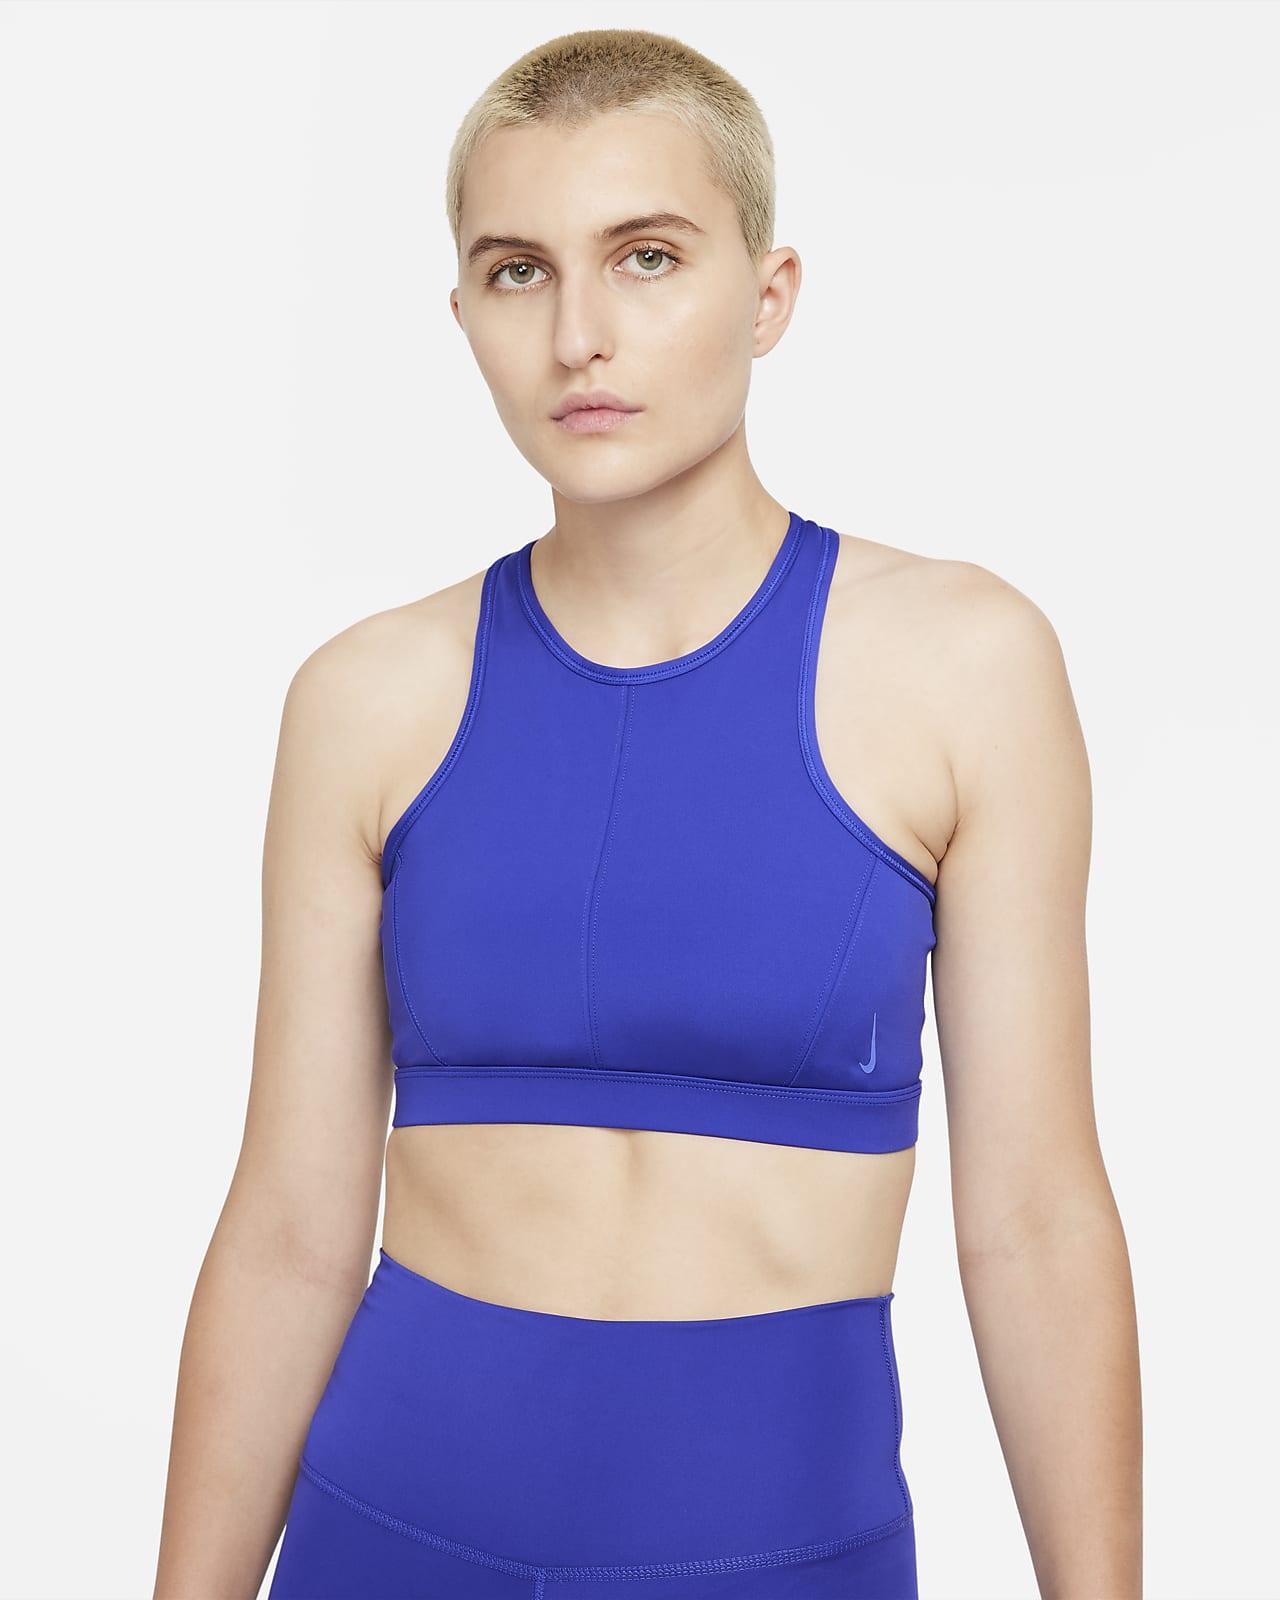 Bra deportivo de cuello alto con almohadilla de una sola pieza de sujeción media para mujer Nike Yoga Dri-FIT Swoosh